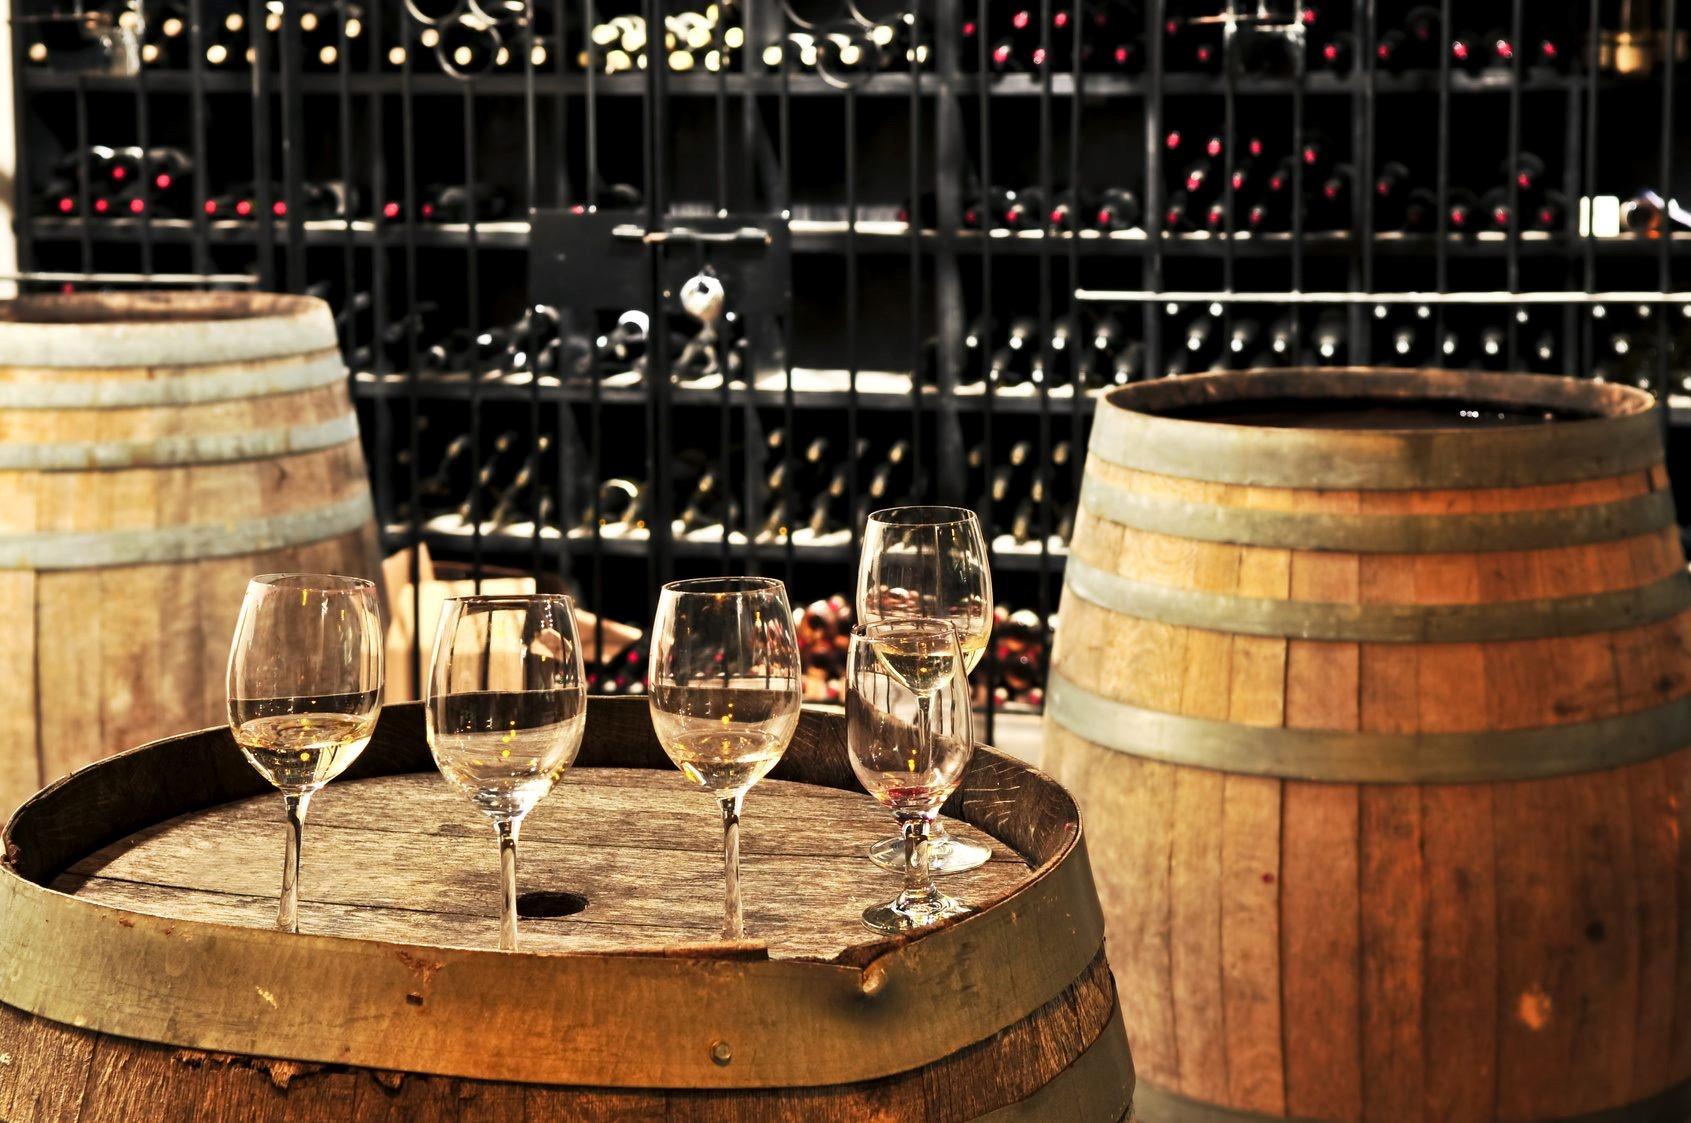 Wineandco meilleur site pour acheter du vin en ligne